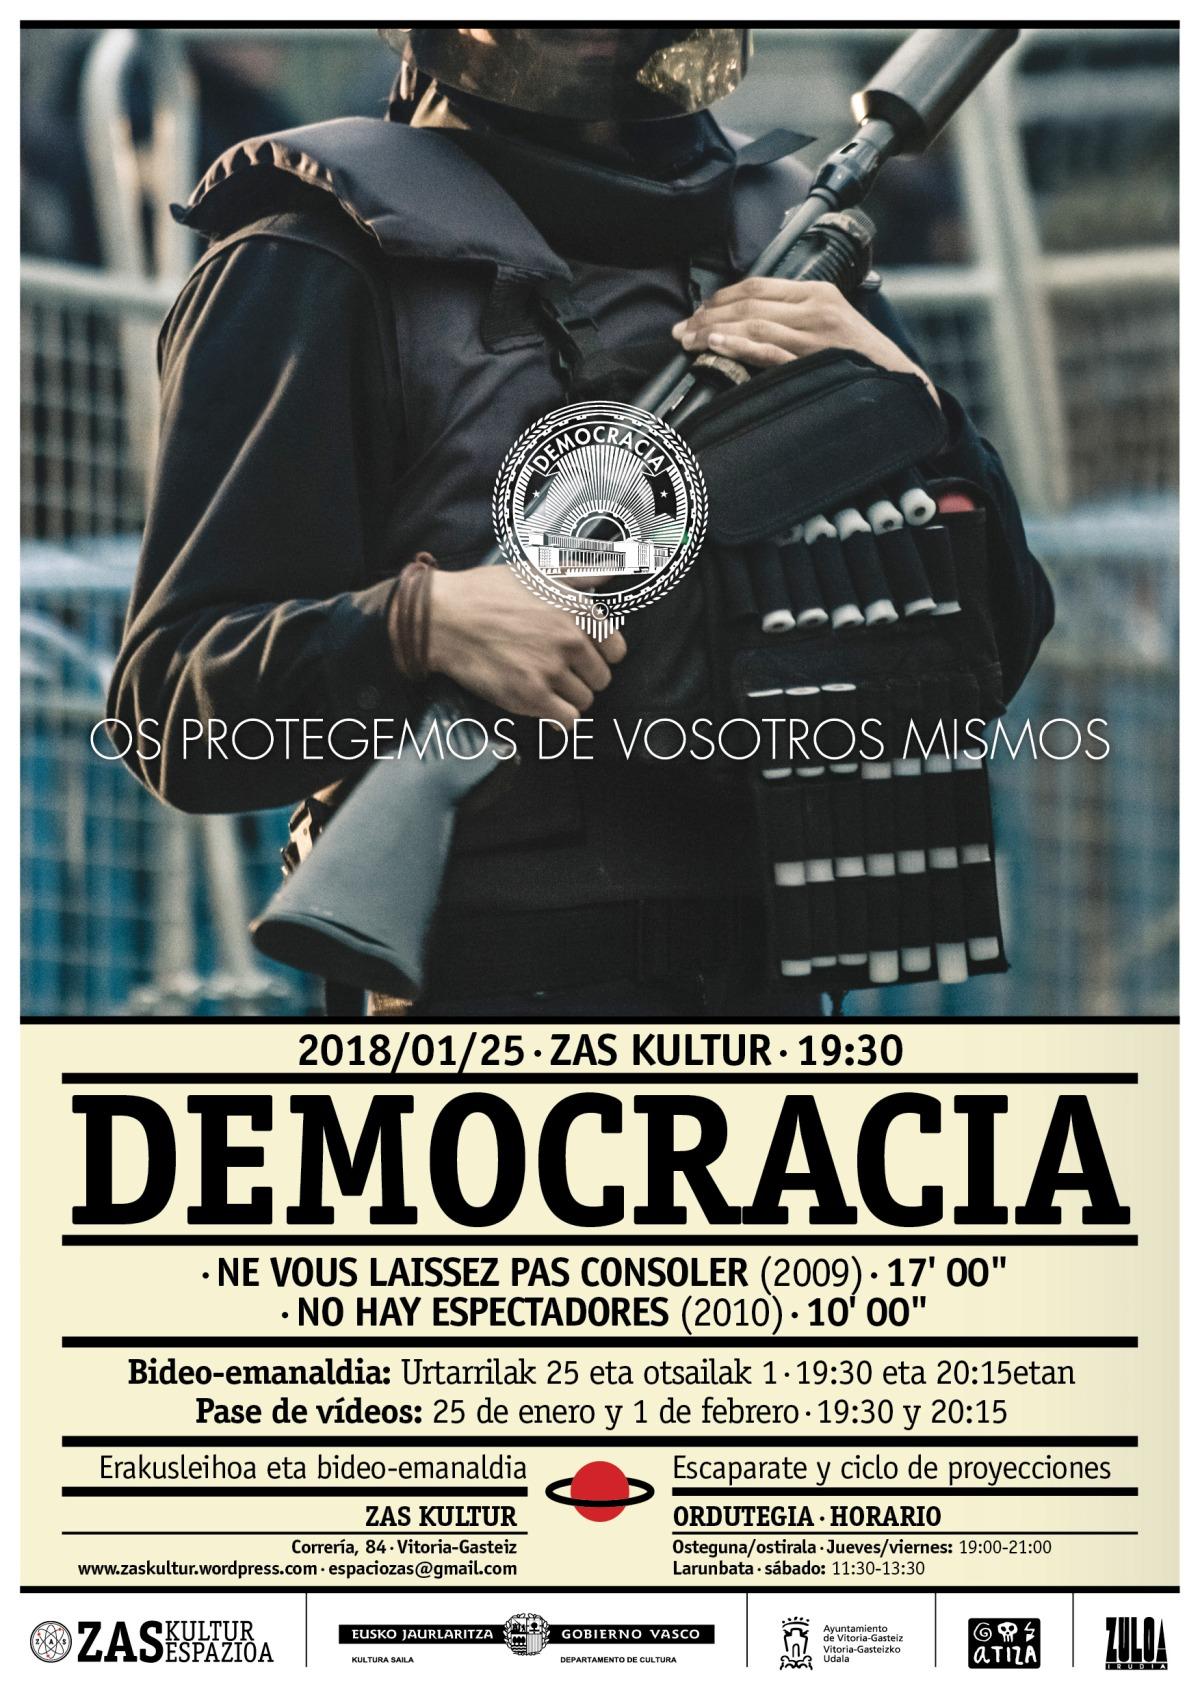 DEMOCRACIA- Escaparate yproyecciones